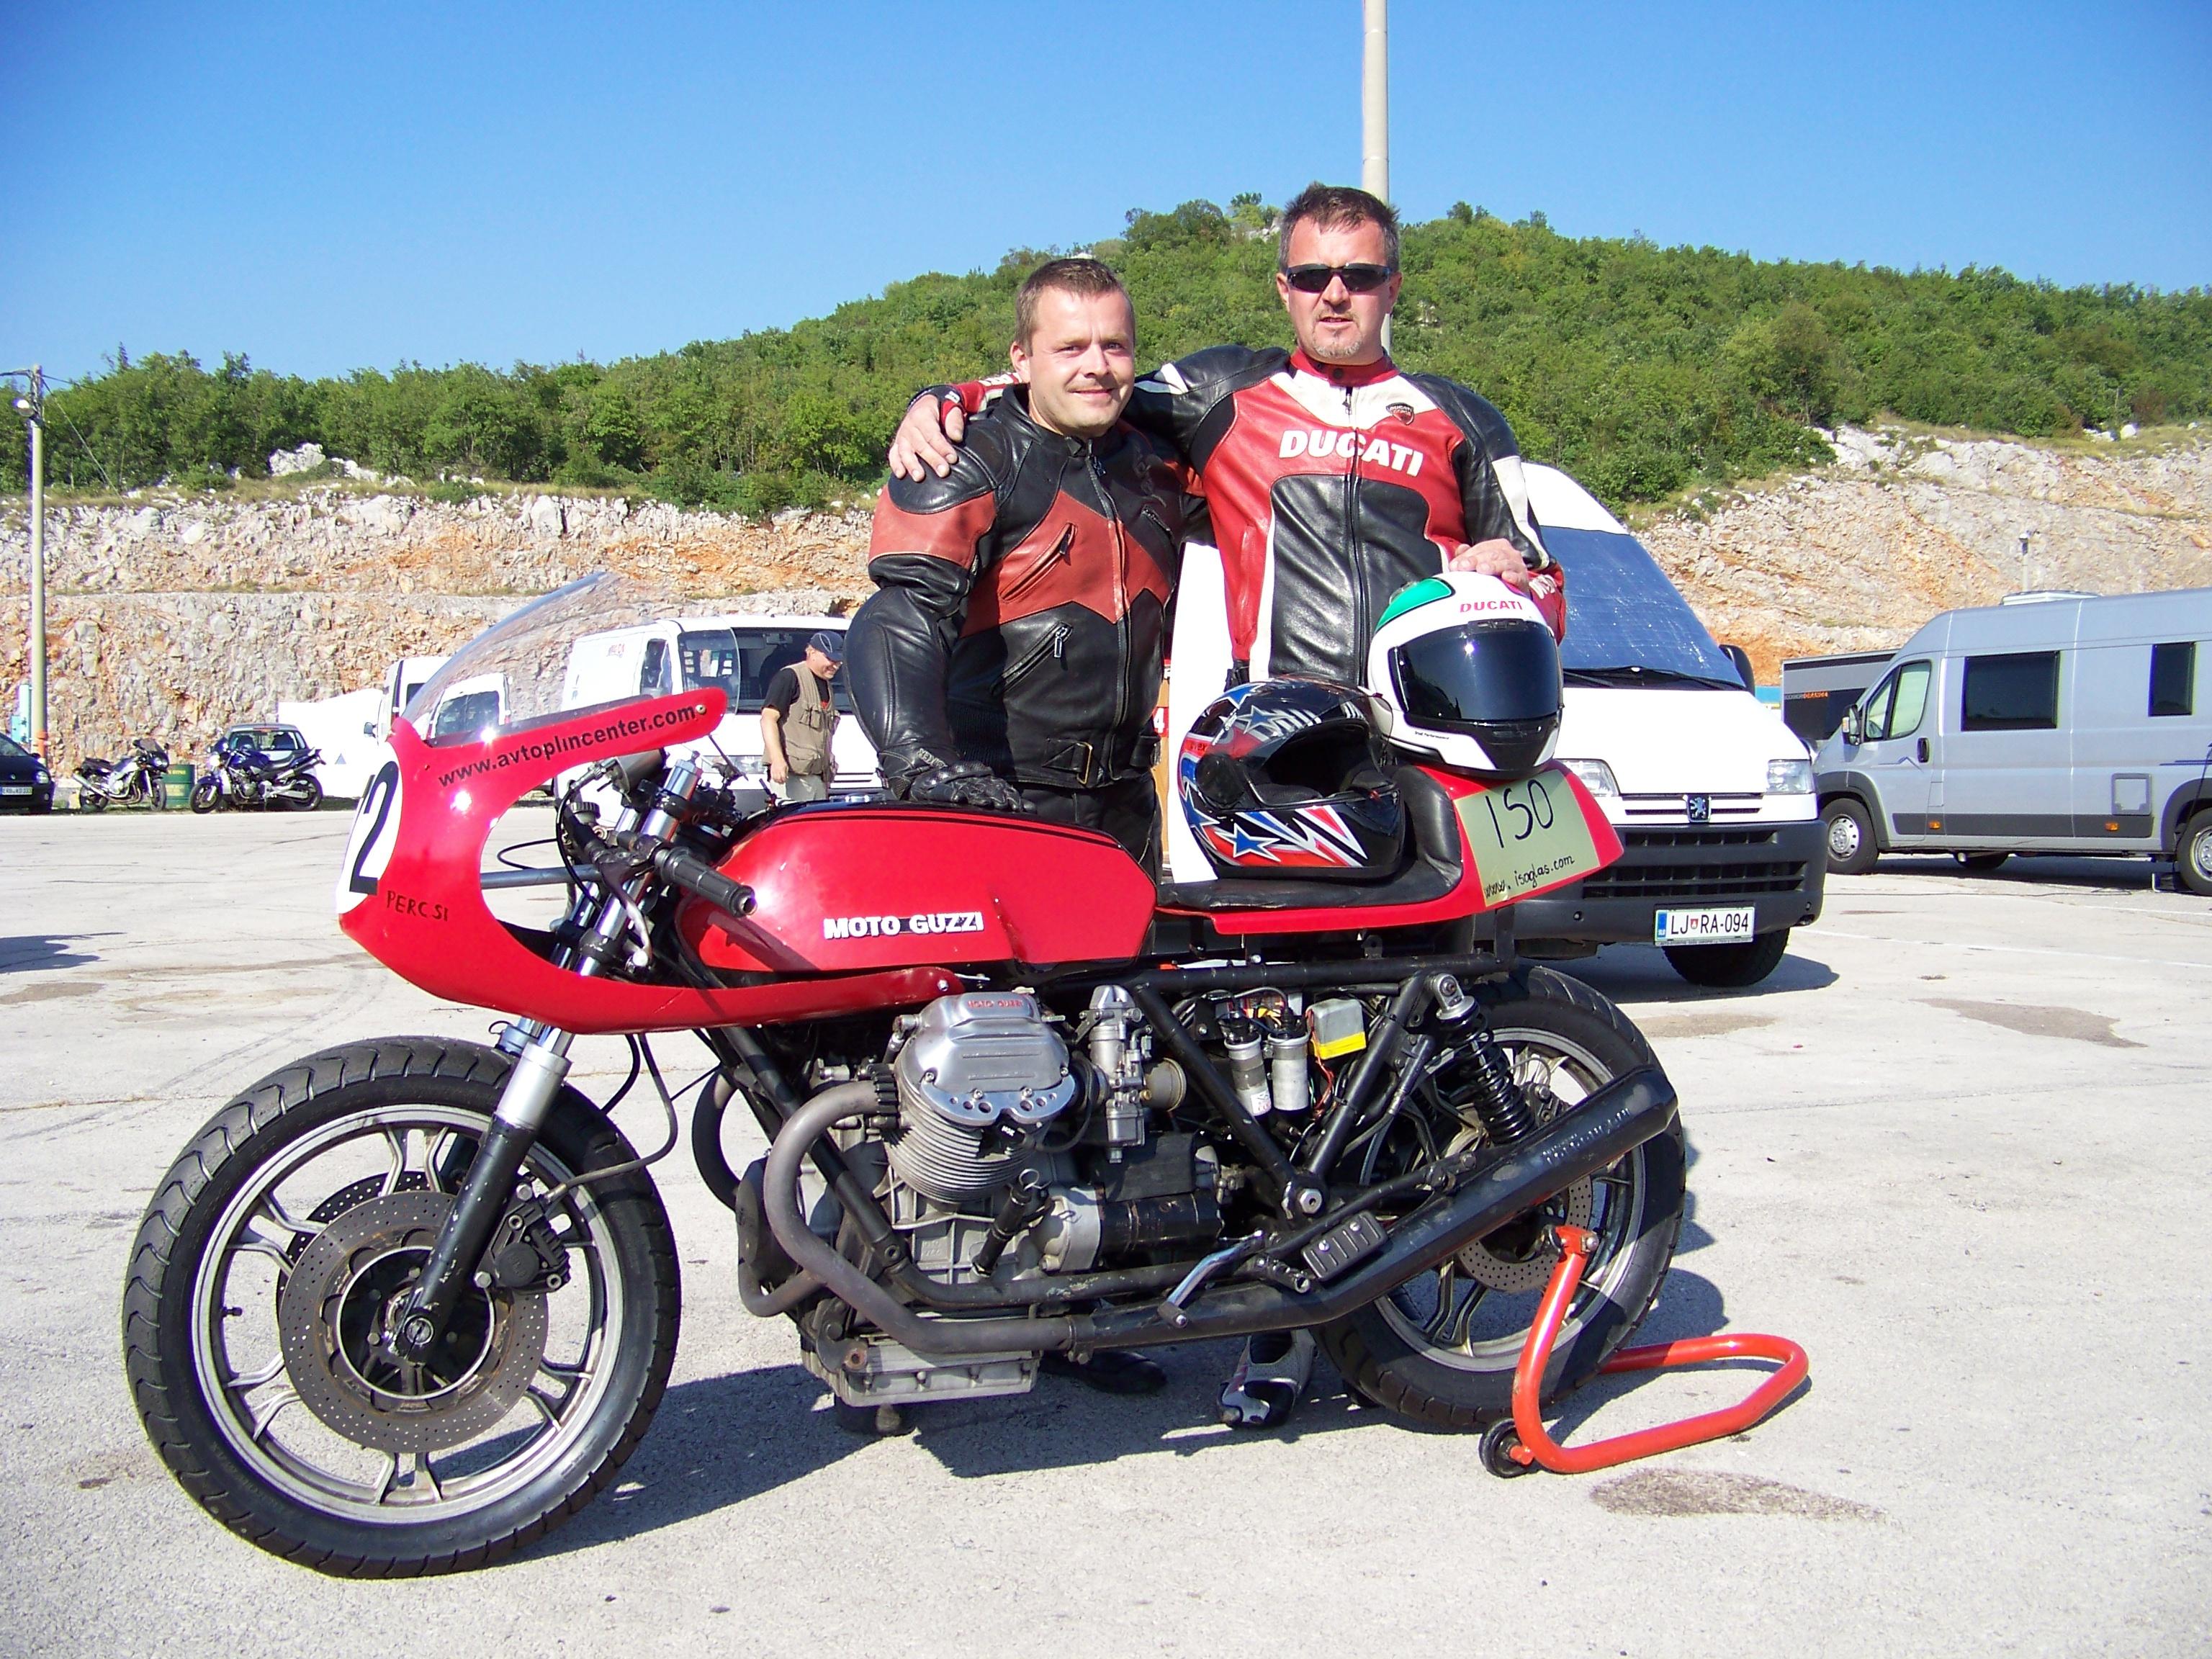 Tudi Slovenski Guzzi se vozi na dirkah 1002767